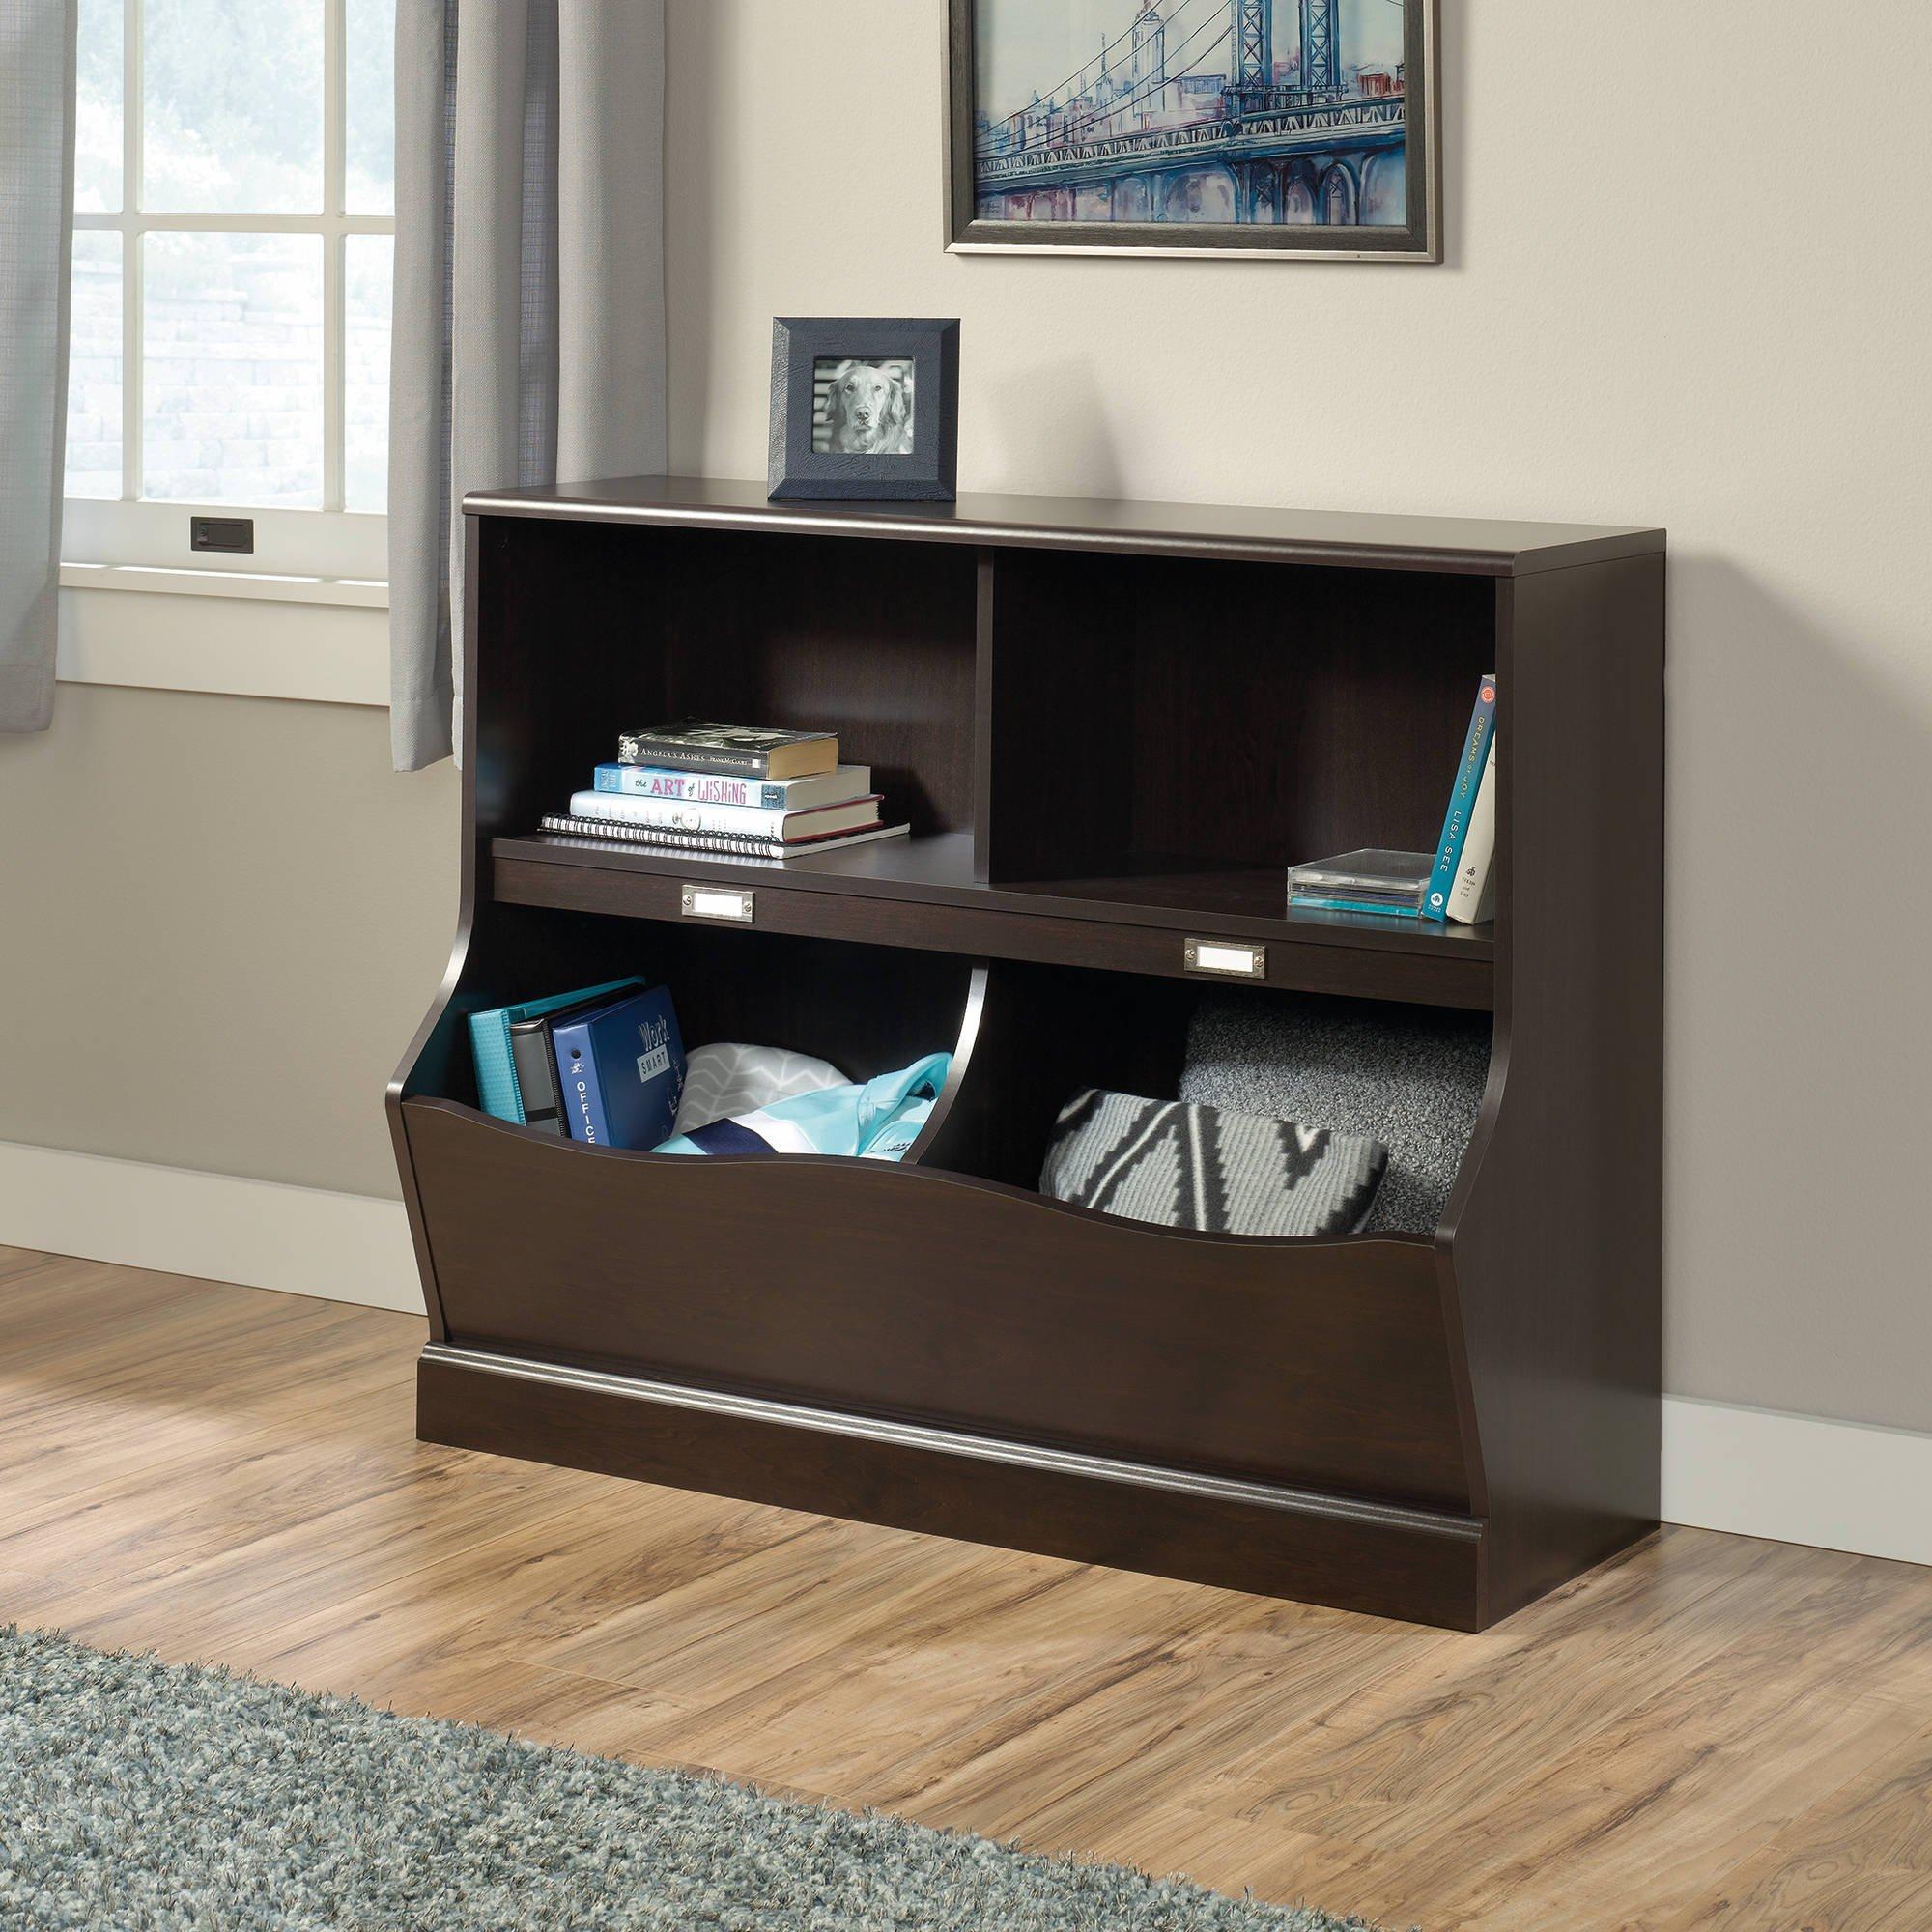 Sauder Storybook Bookcase, Jamocha Wood Finish